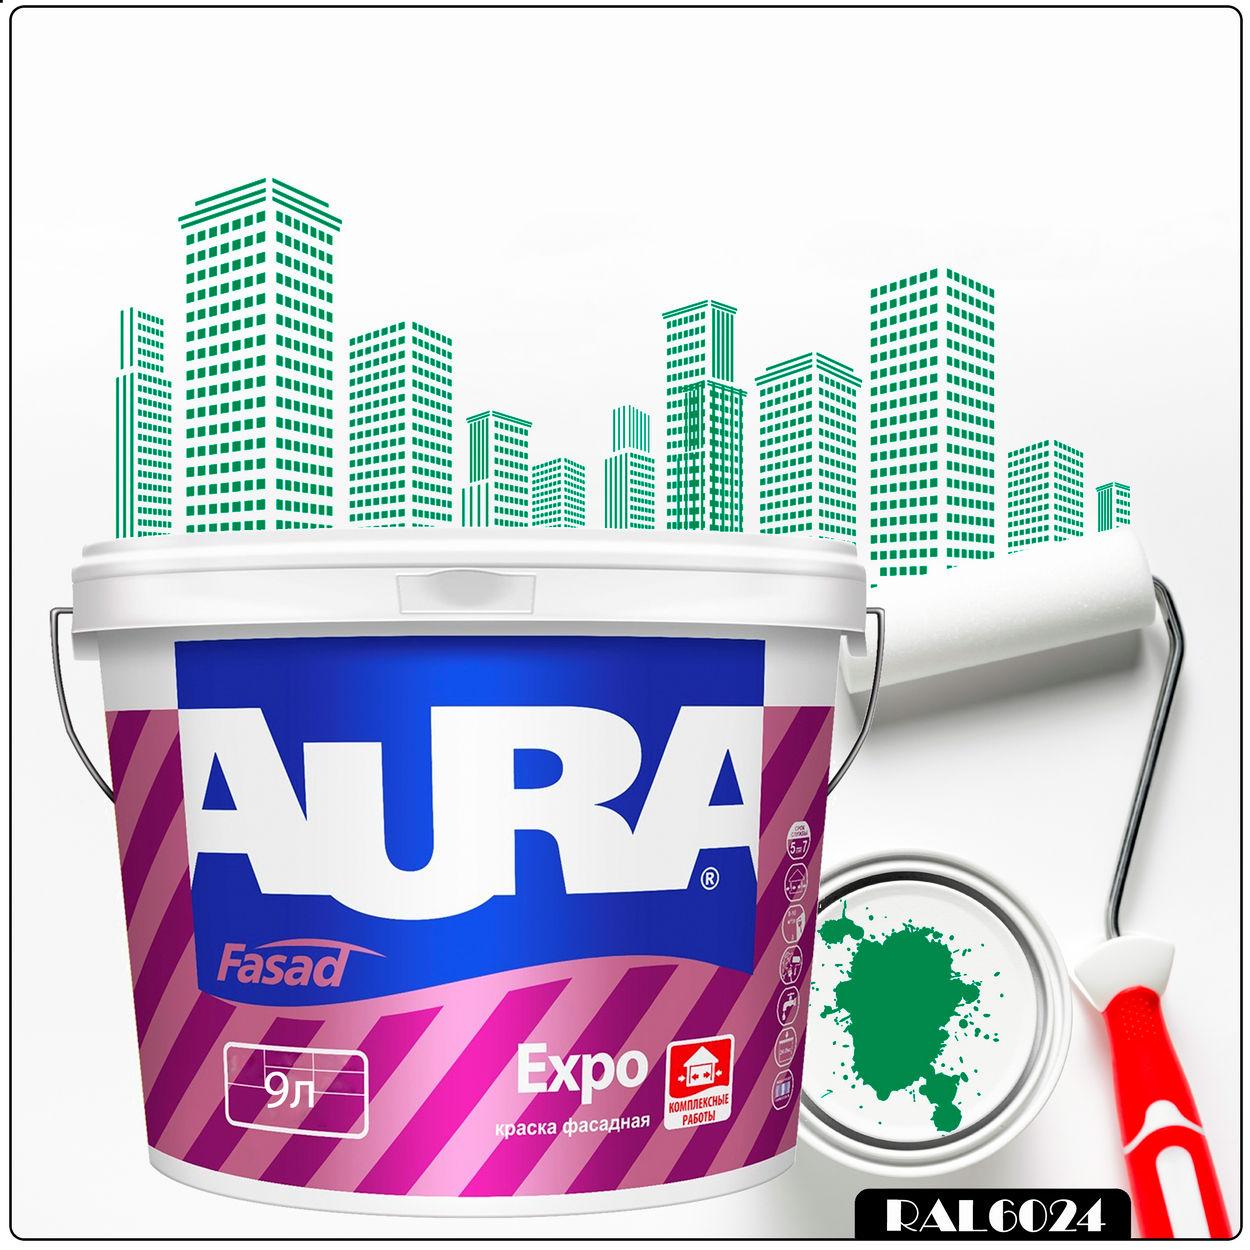 Фото 24 - Краска Aura Fasad Expo, RAL 6024 Транспортный-зелёный, матовая, для фасадов и помещений с повышенной влажностью, 9л.